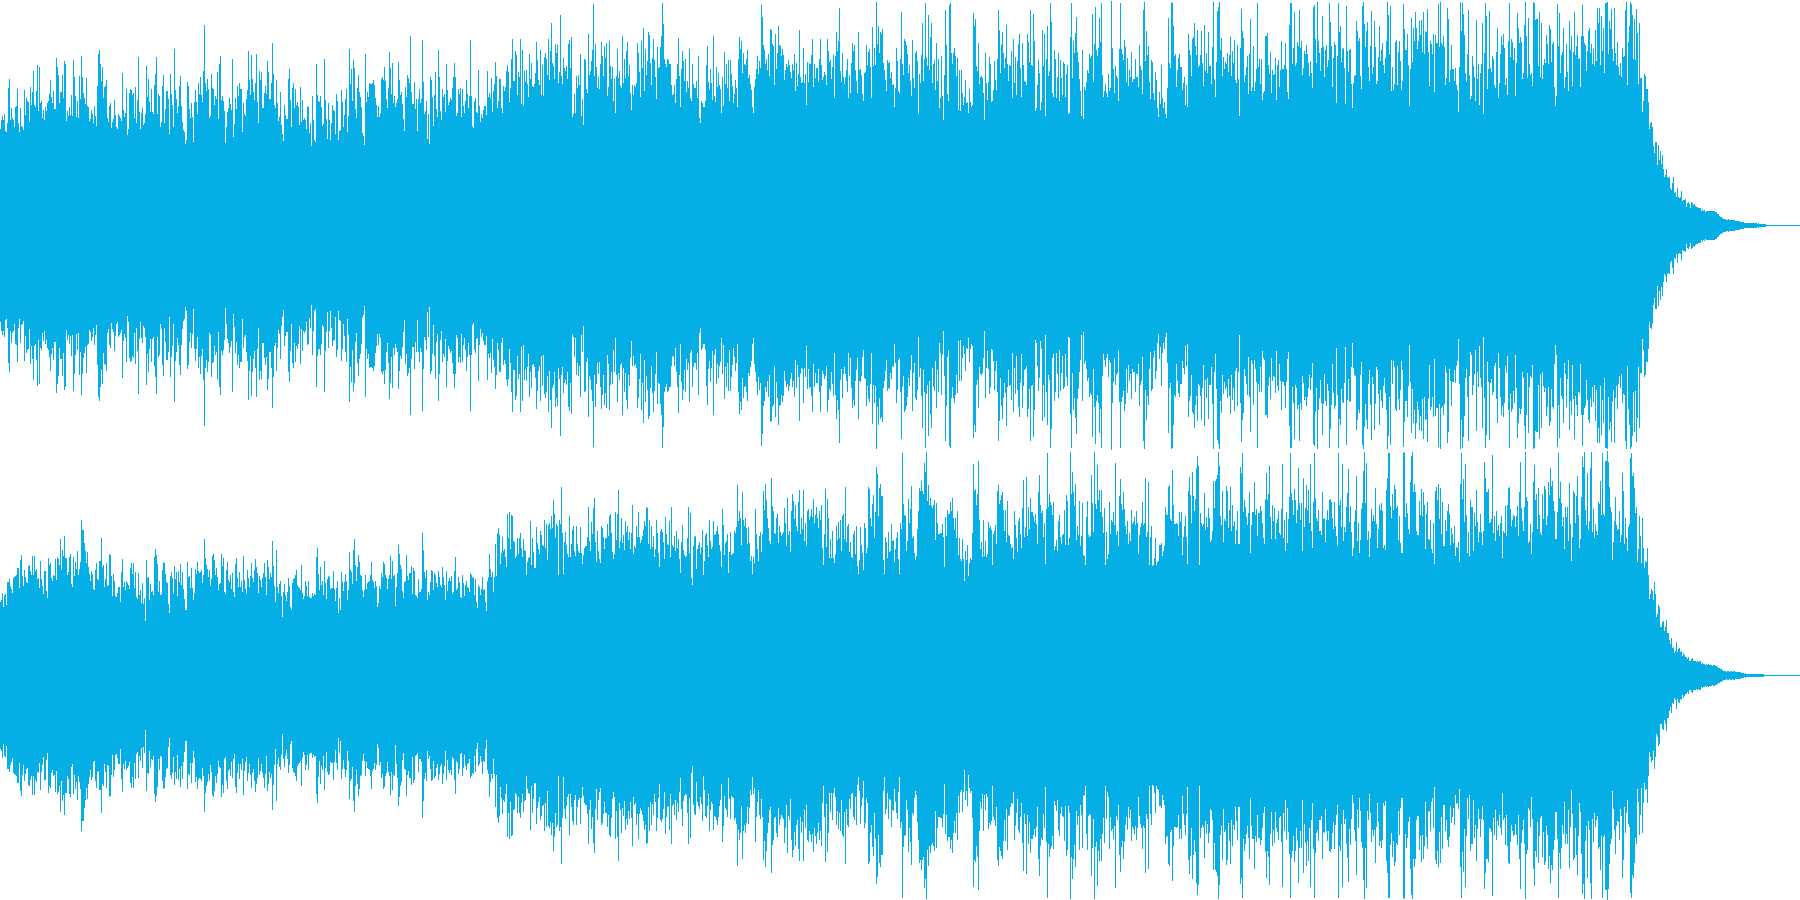 神秘的なシンセボーカルと古楽器の幻想曲の再生済みの波形